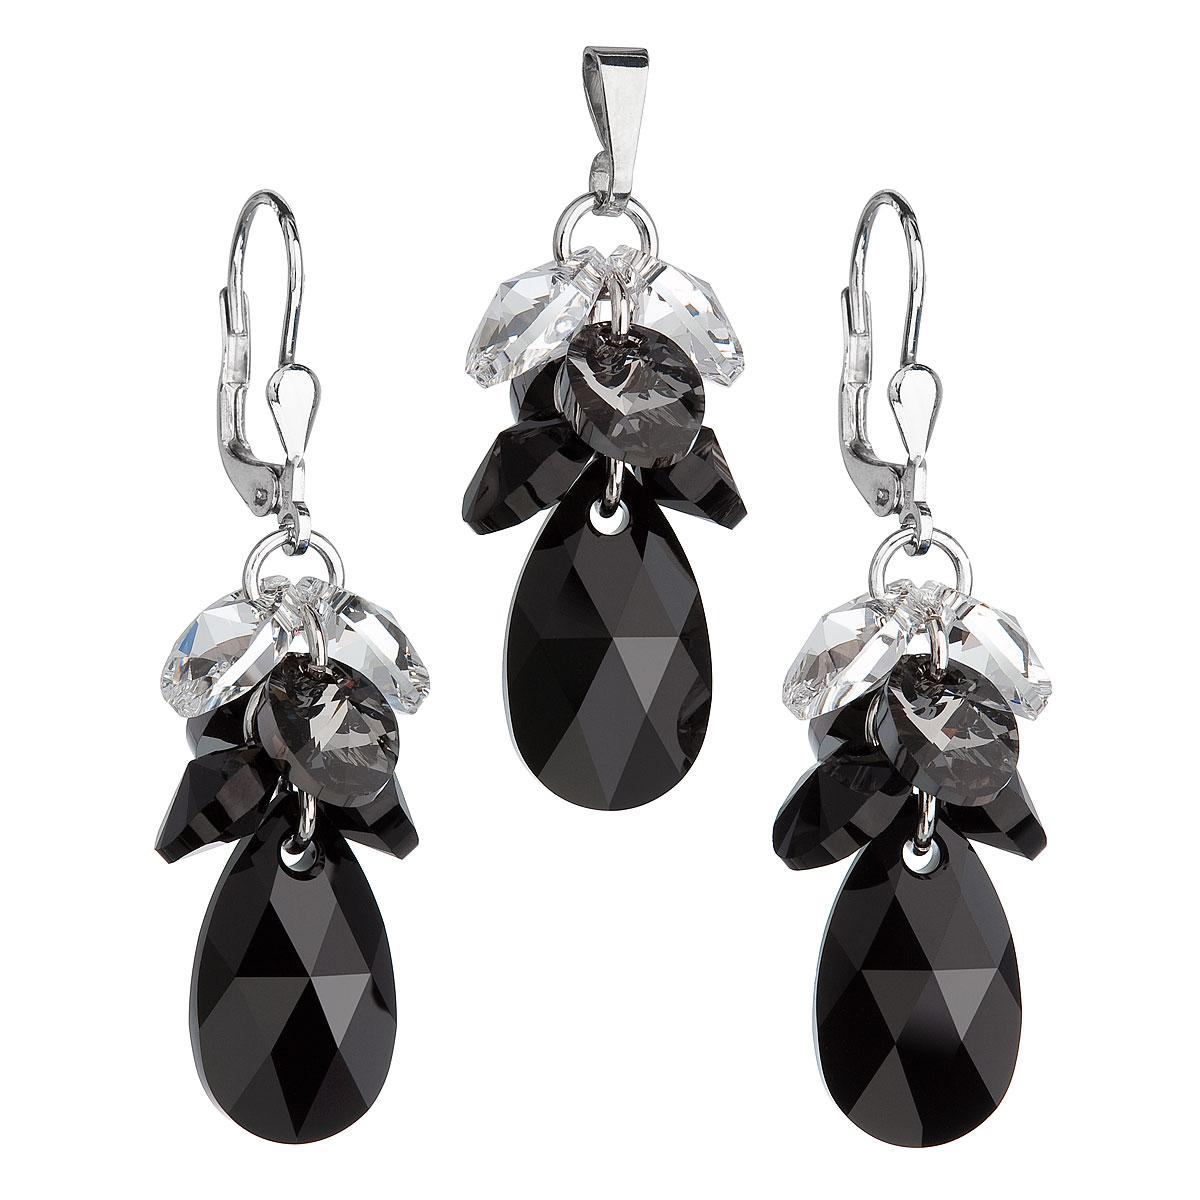 Sada šperkov s krištáľmi Swarovski náušnice a prívesok čierny hrozno 39123.3